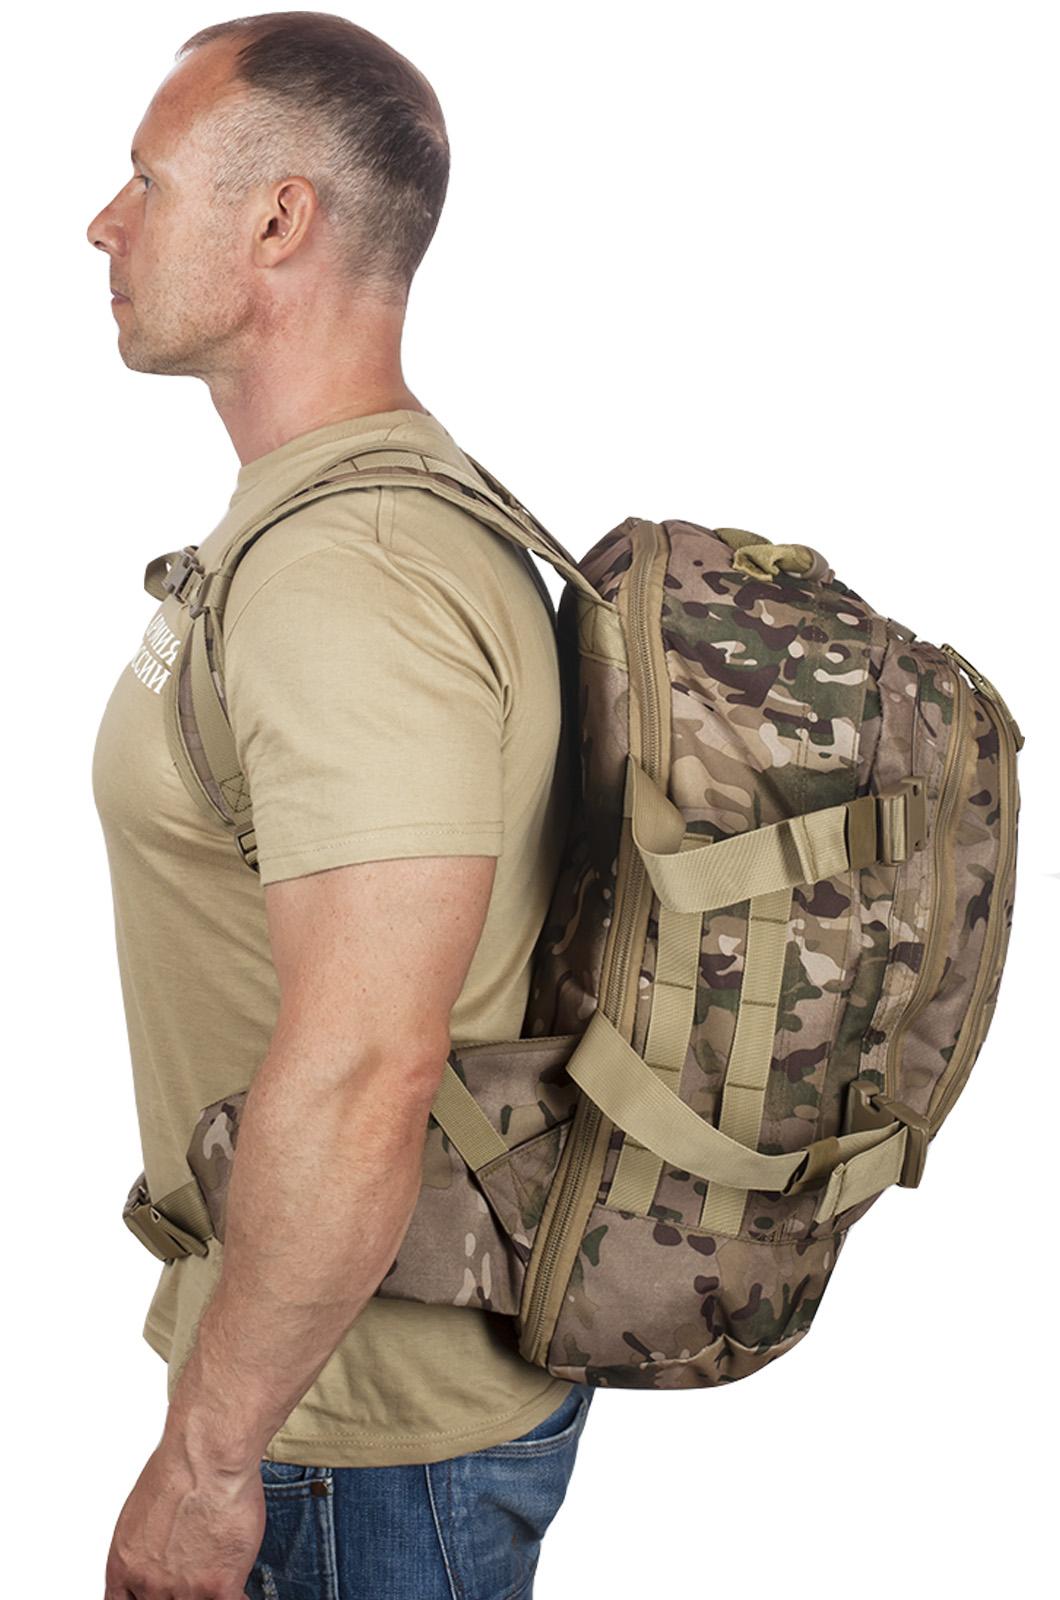 Армейский камуфляжный рюкзак  с нашивкой ПС - заказать оптом